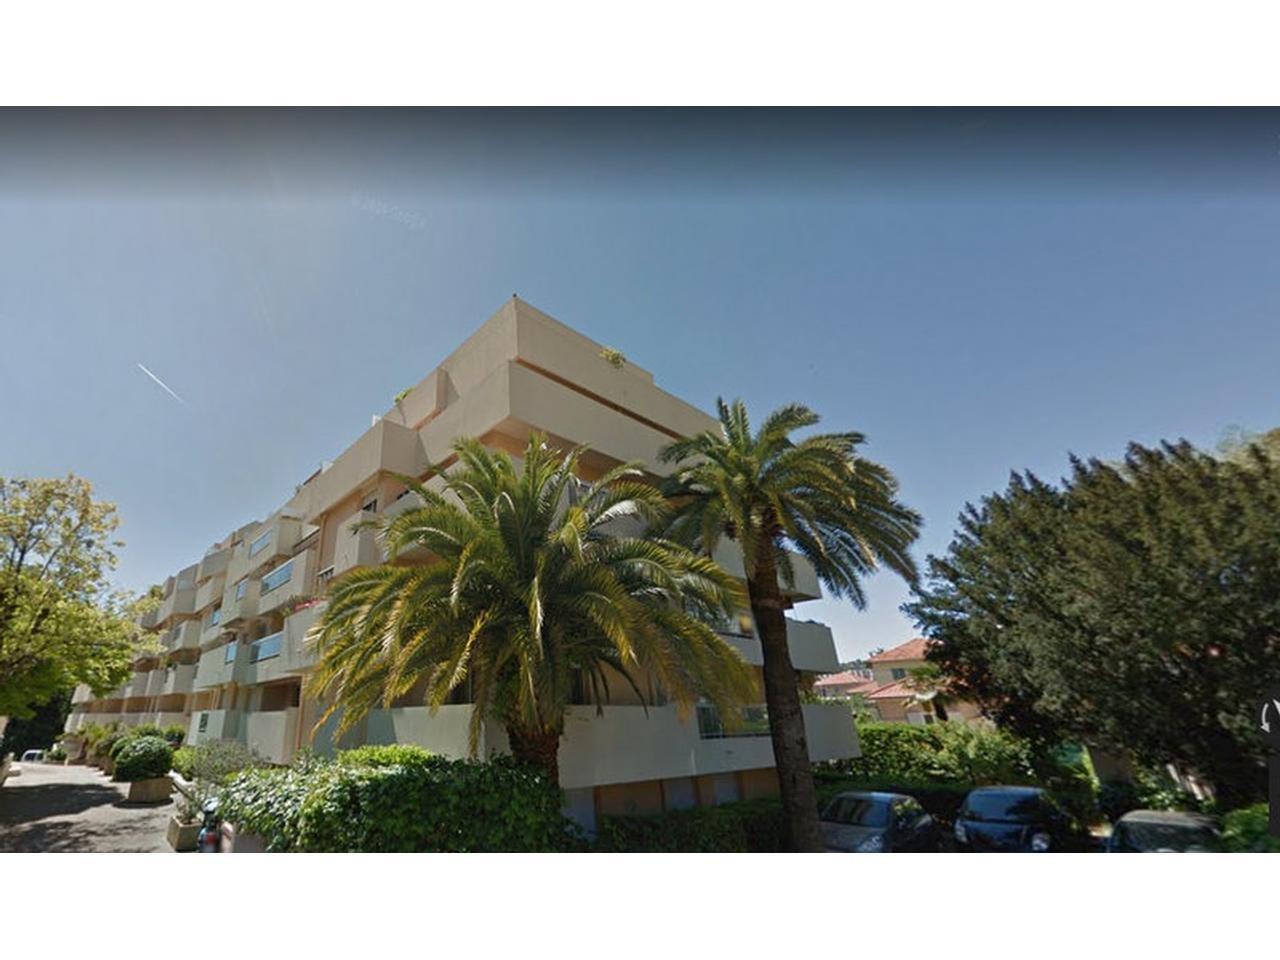 Vendita Appartamento - Nizza (Nice) Chambrun